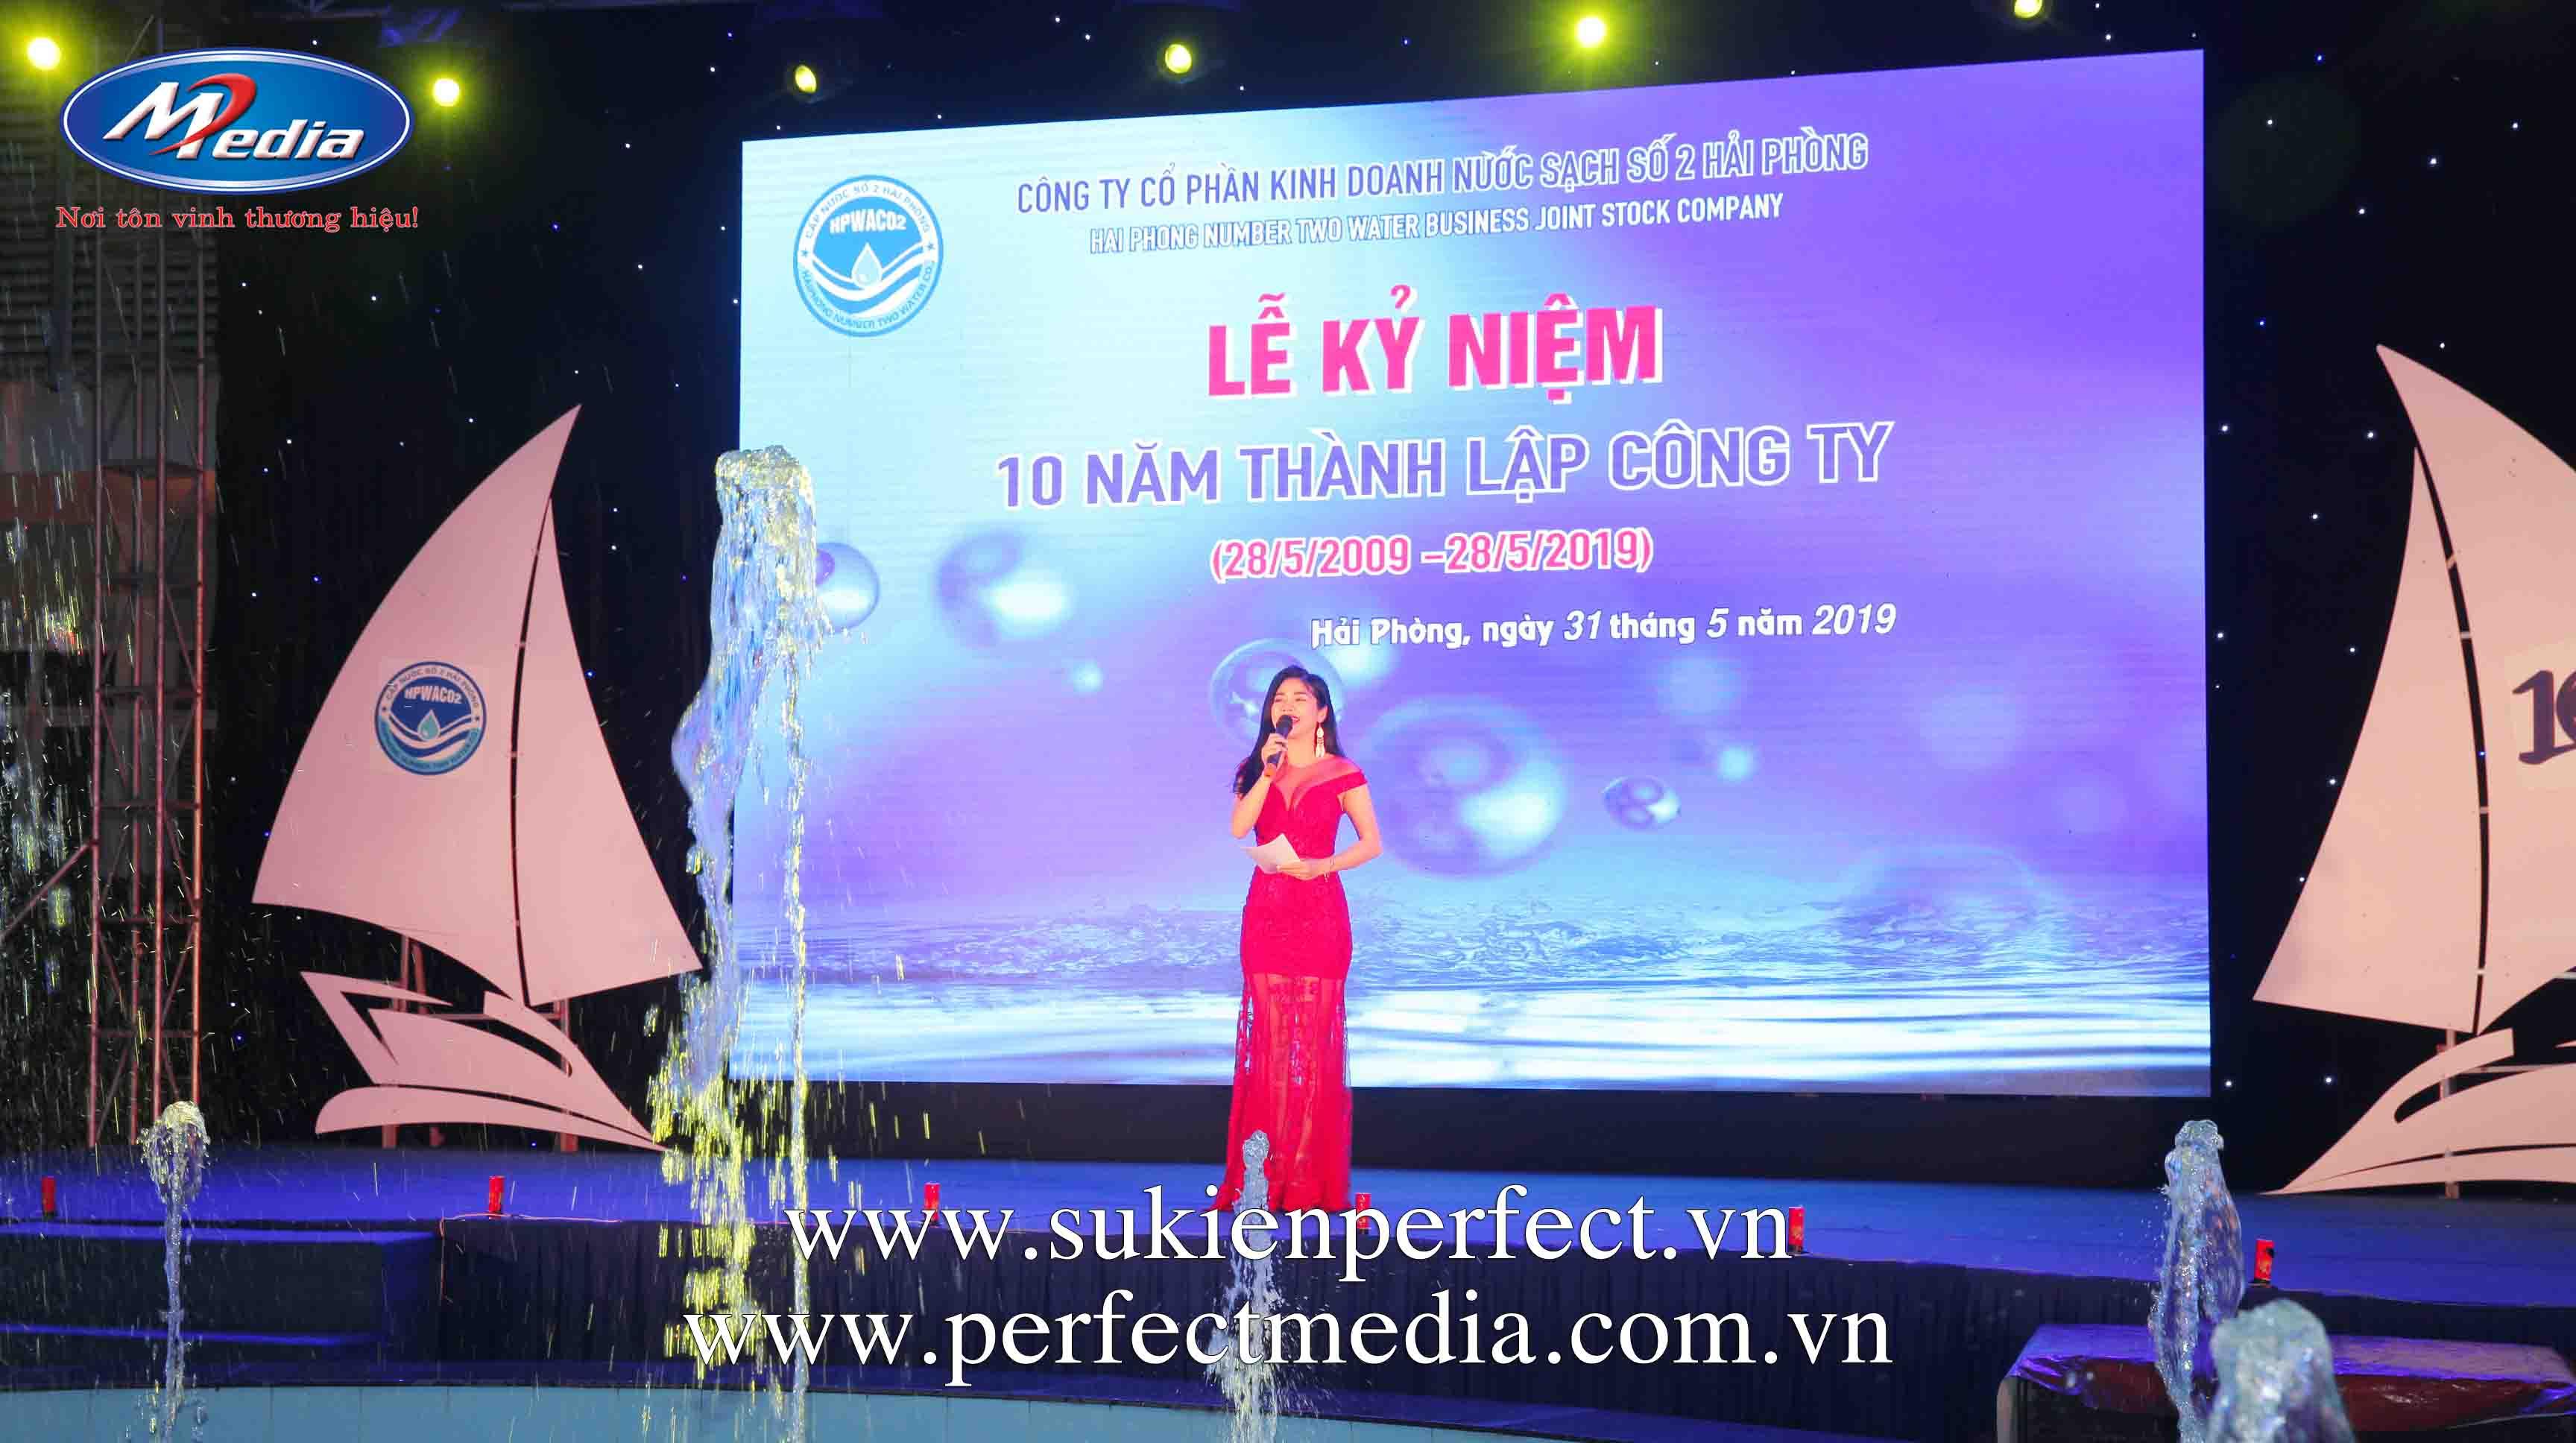 Lễ kỷ niệm 10 năm thành lập công ty Nước sạch số 2 Hải Phòng11